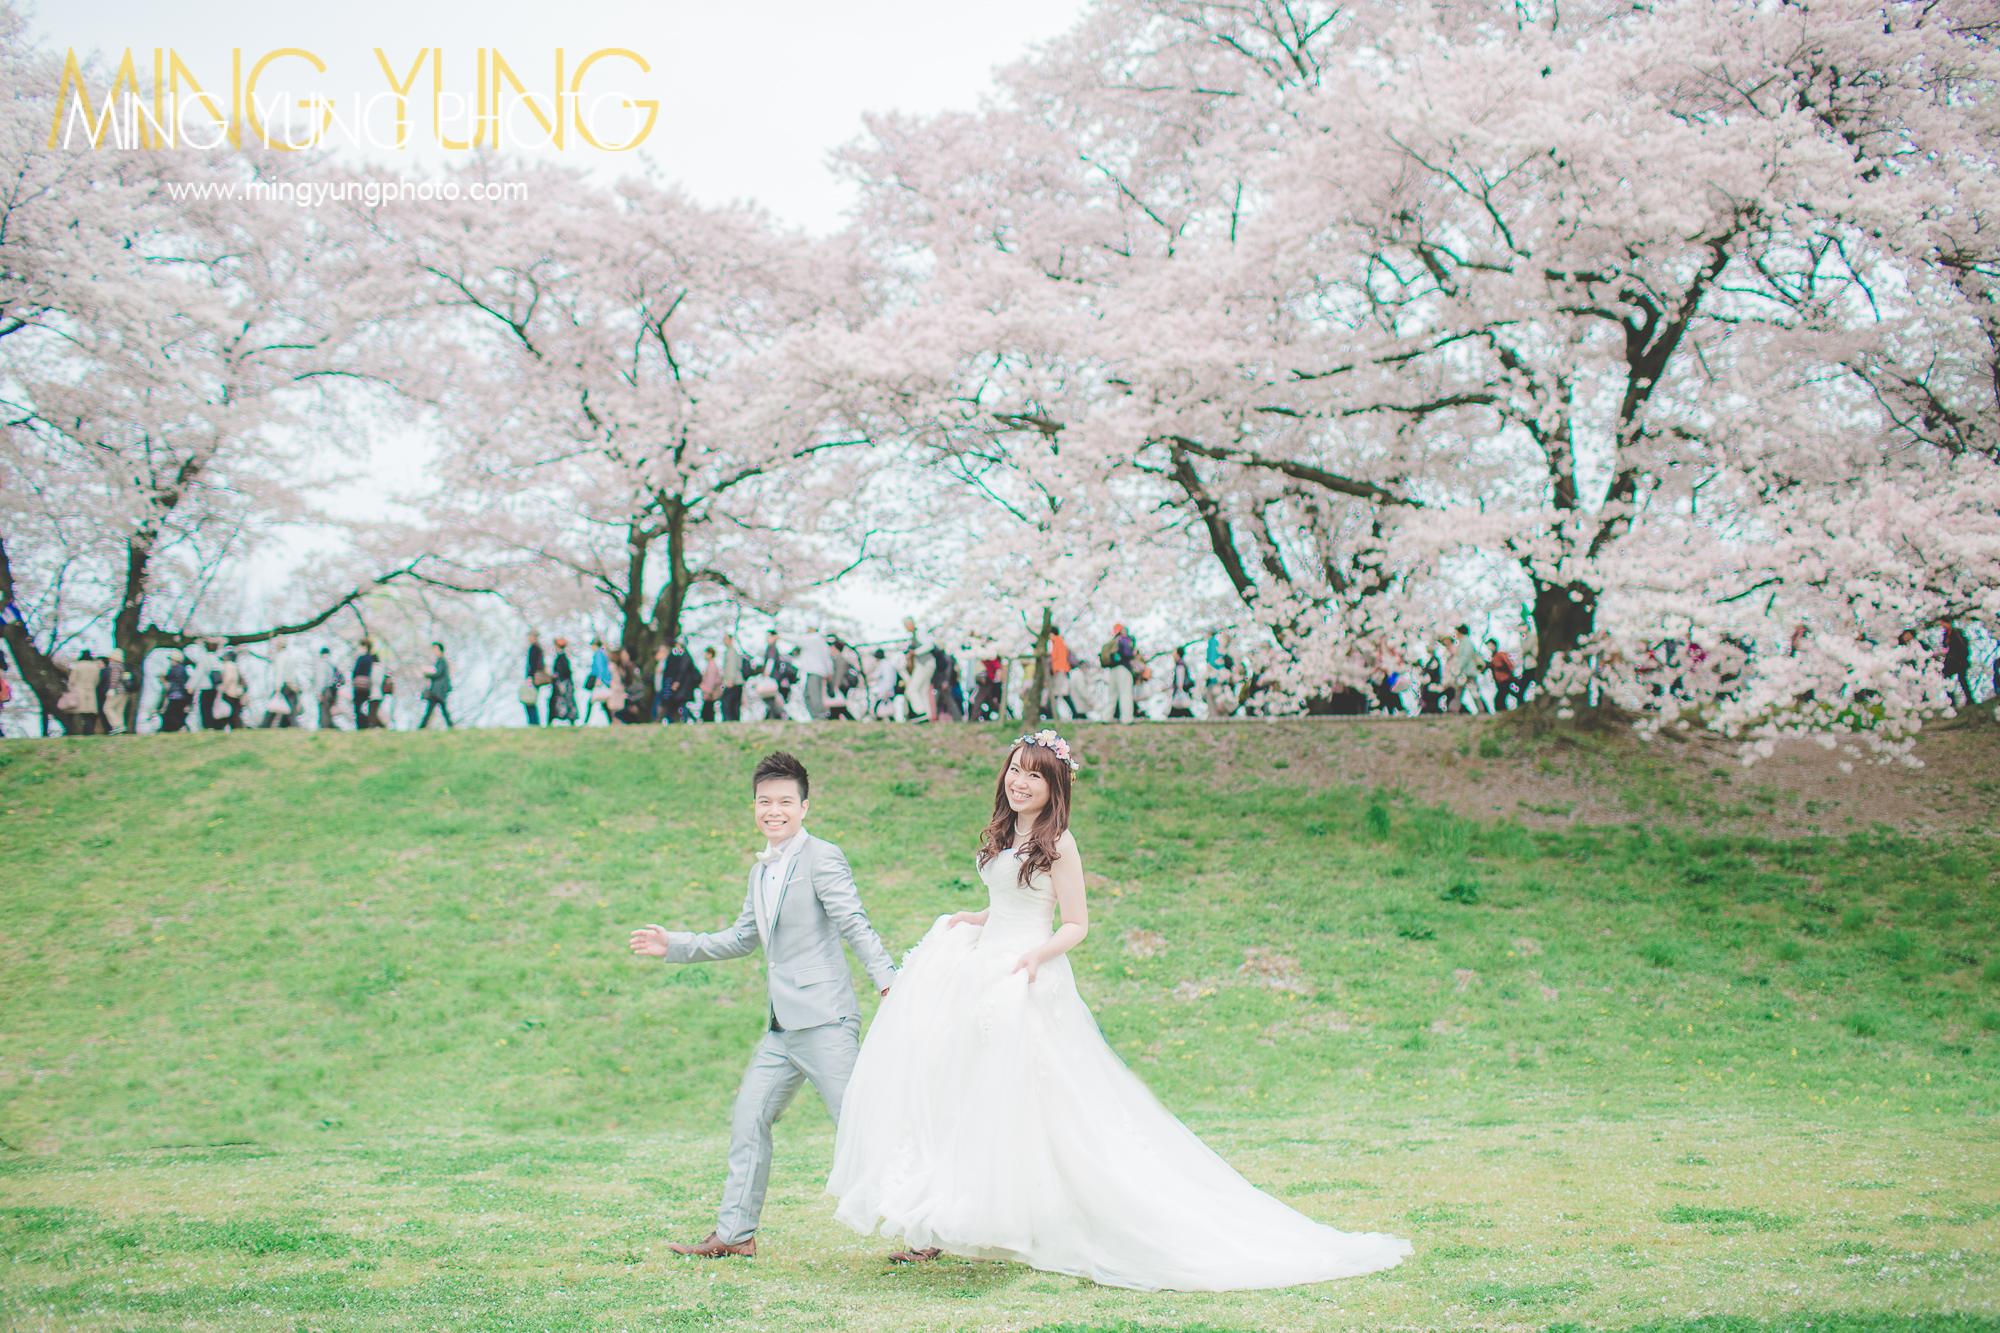 mingyungphoto-20160405-0004